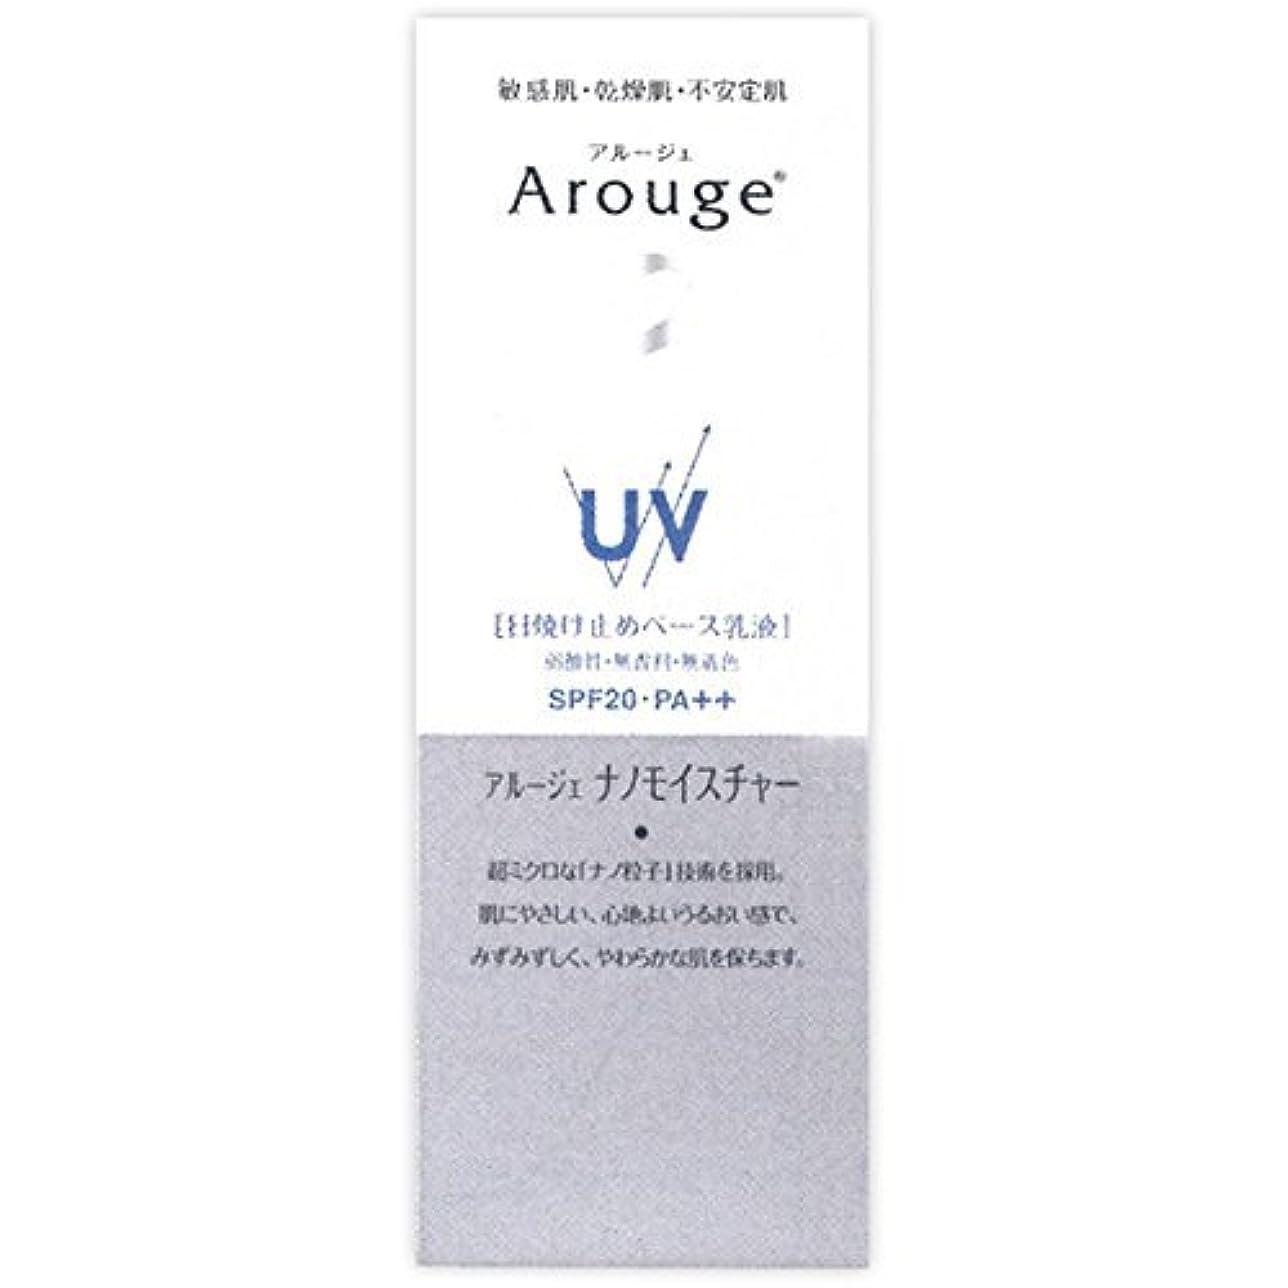 被害者作り上げる第二にアルージェ UV モイストビューティーアップ日焼け止めベース乳液25g (SPF20?PA++)